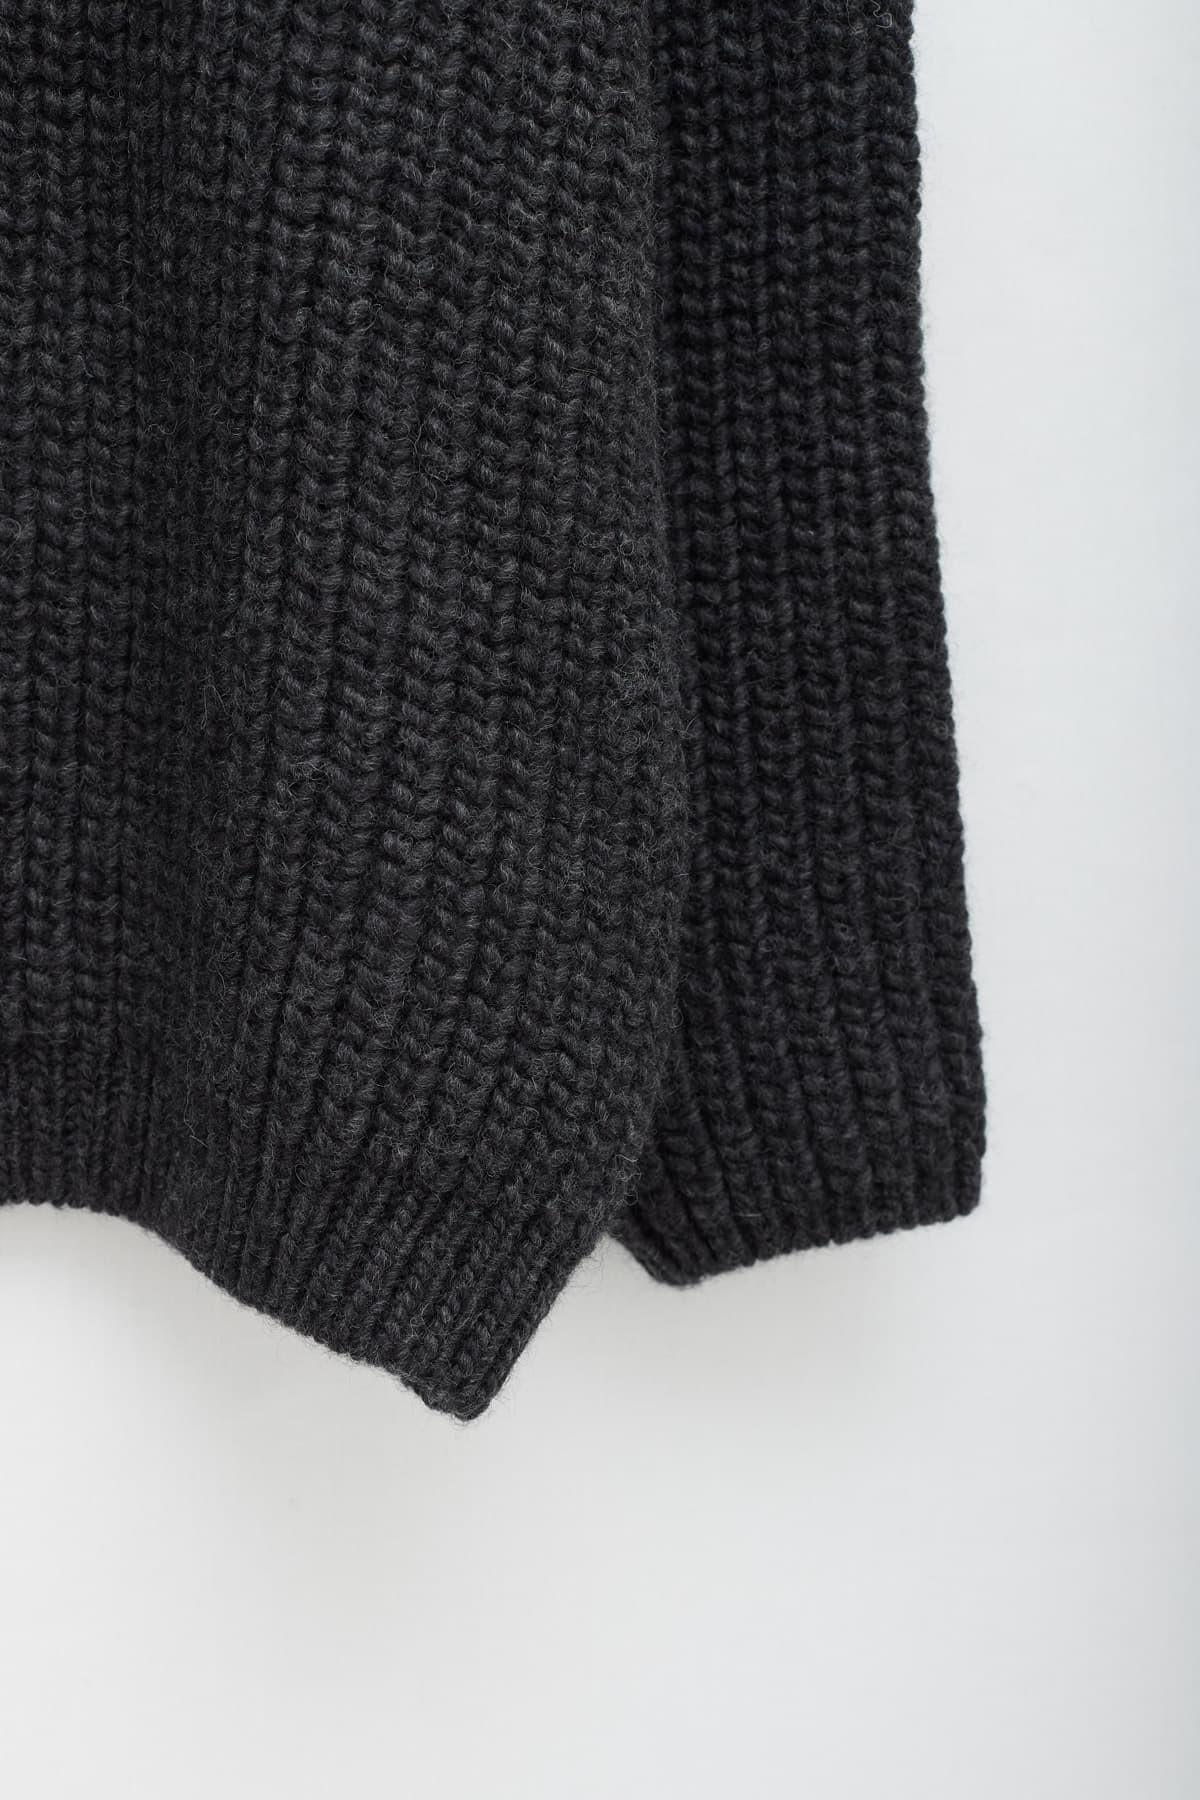 Shop Telfar Navy Small Shopper Bag